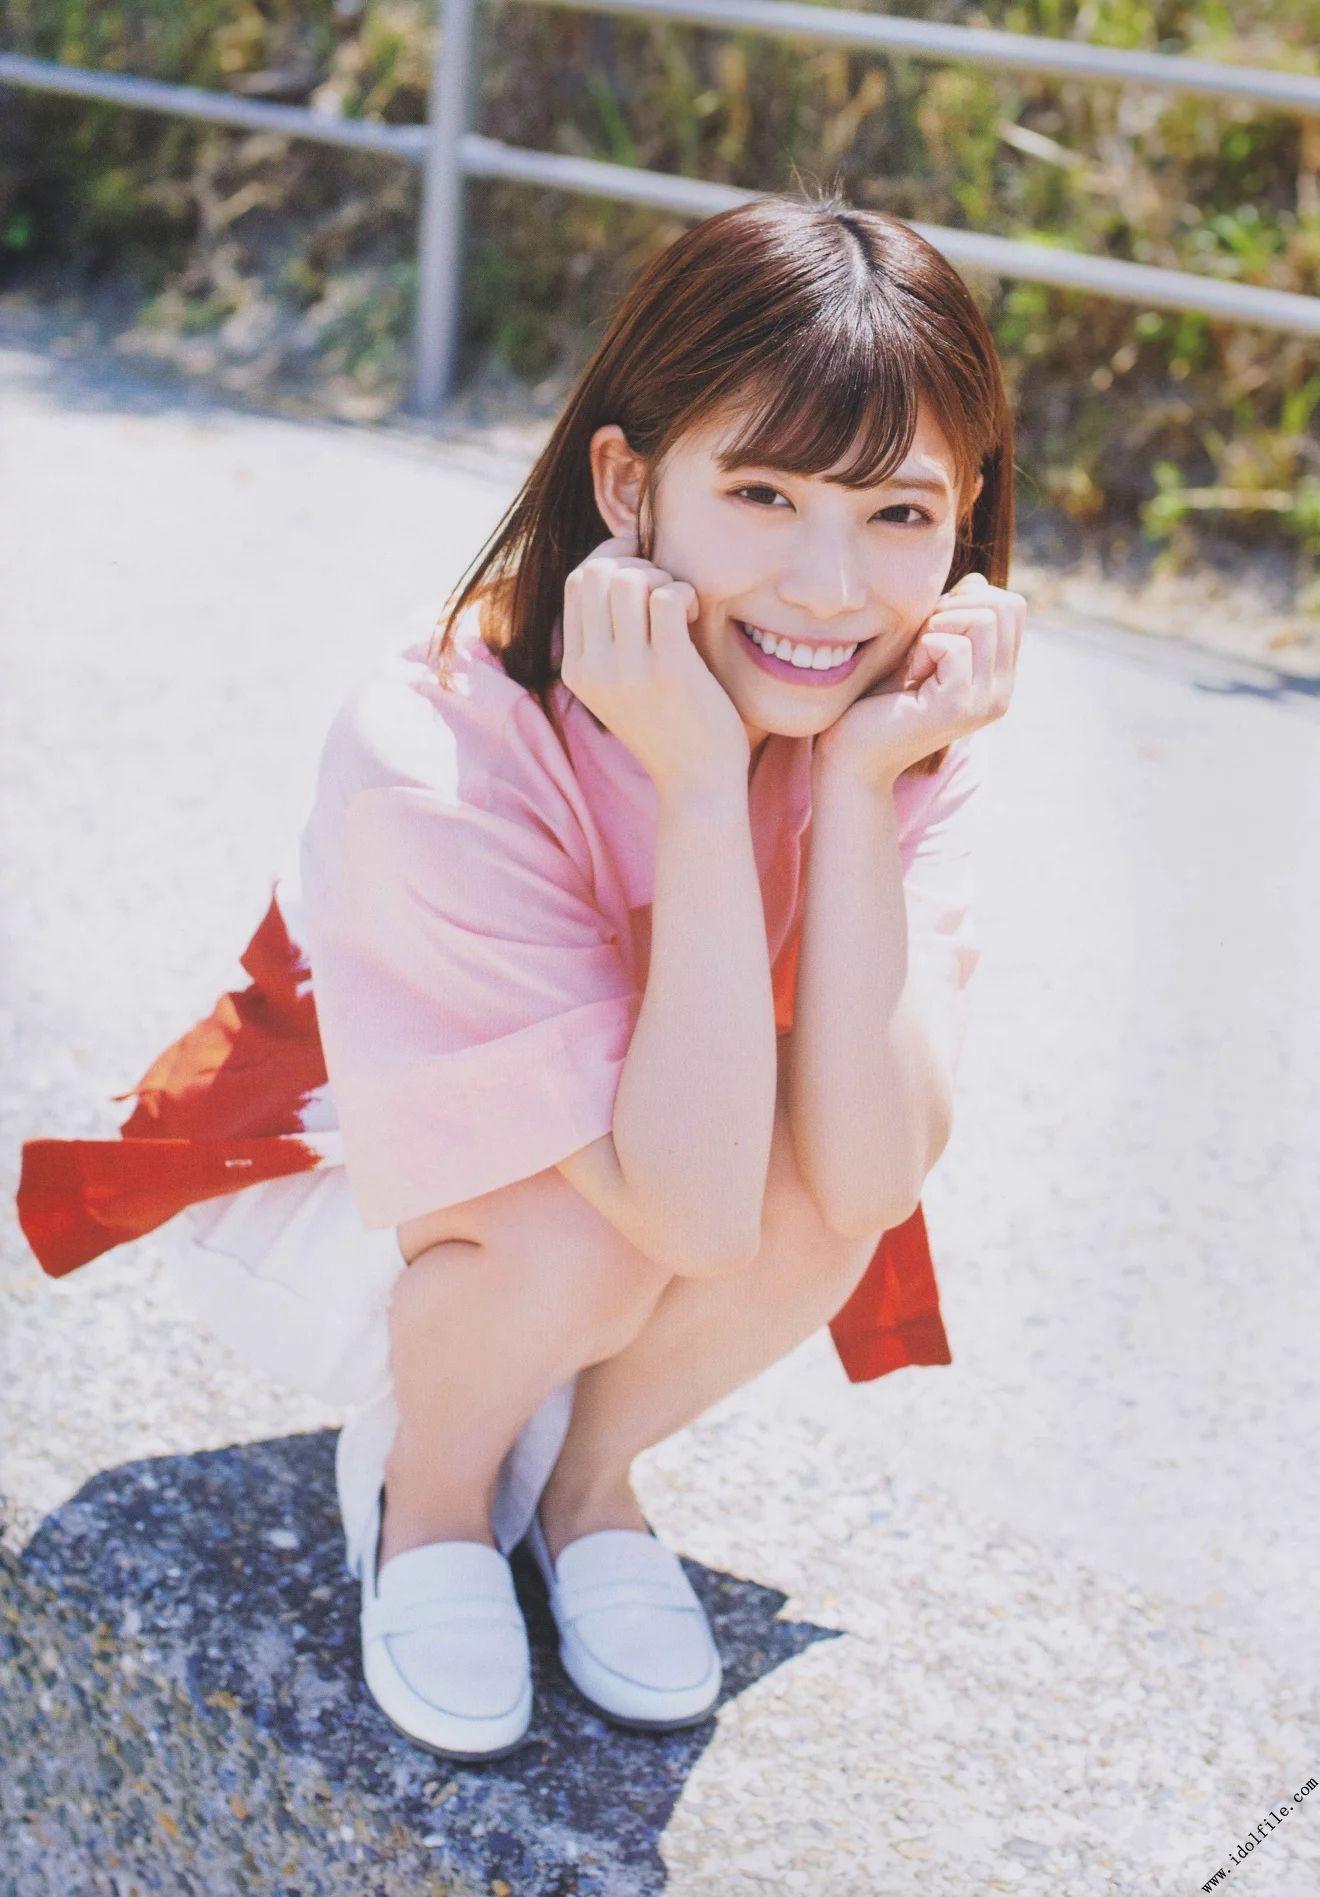 欅坂46長濱ねるちゃんの眩しく輝くグラビア画像! - AKBと坂道の